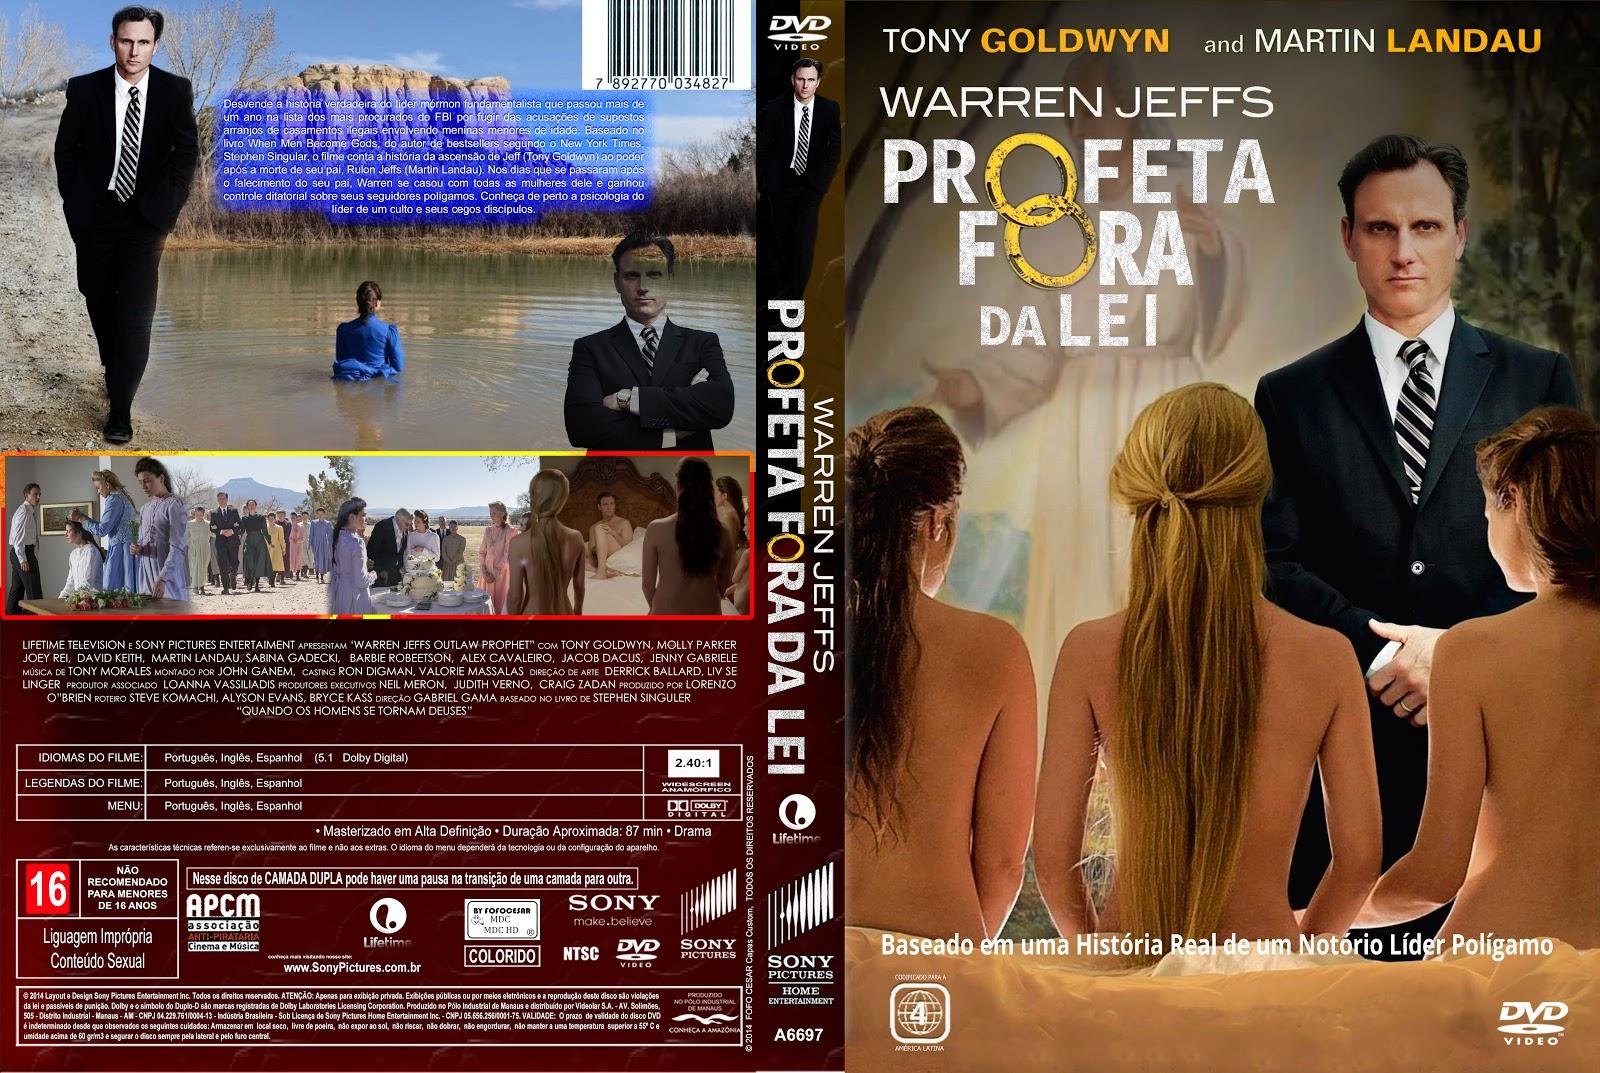 Capa DVD Profeta Fora Da Lei